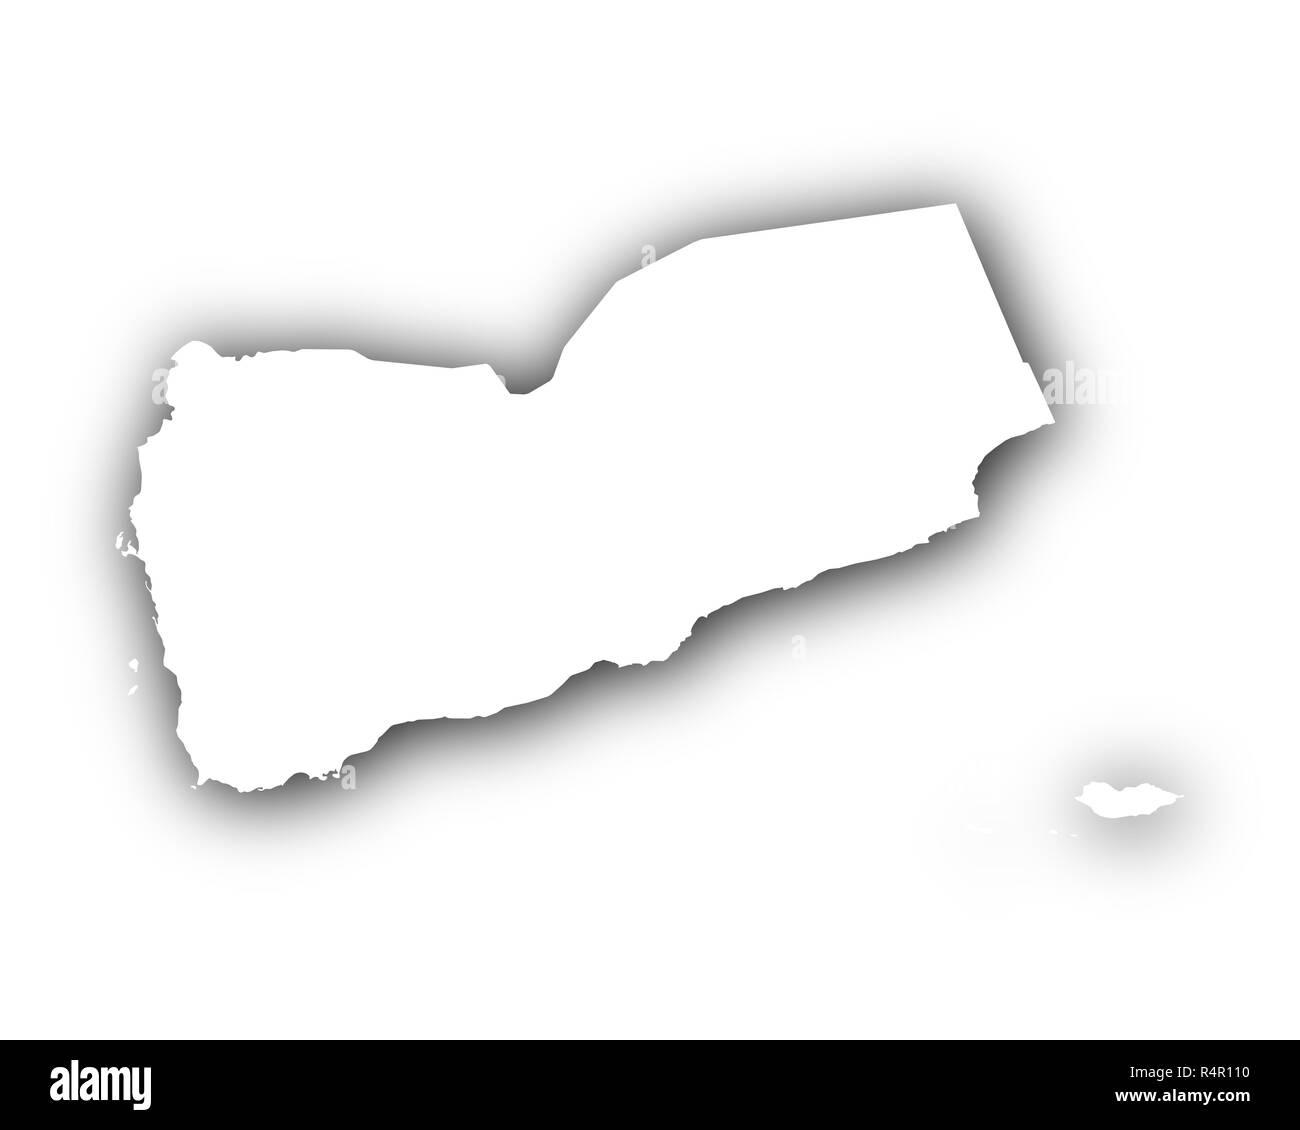 map of yemen with shadow - Stock Image